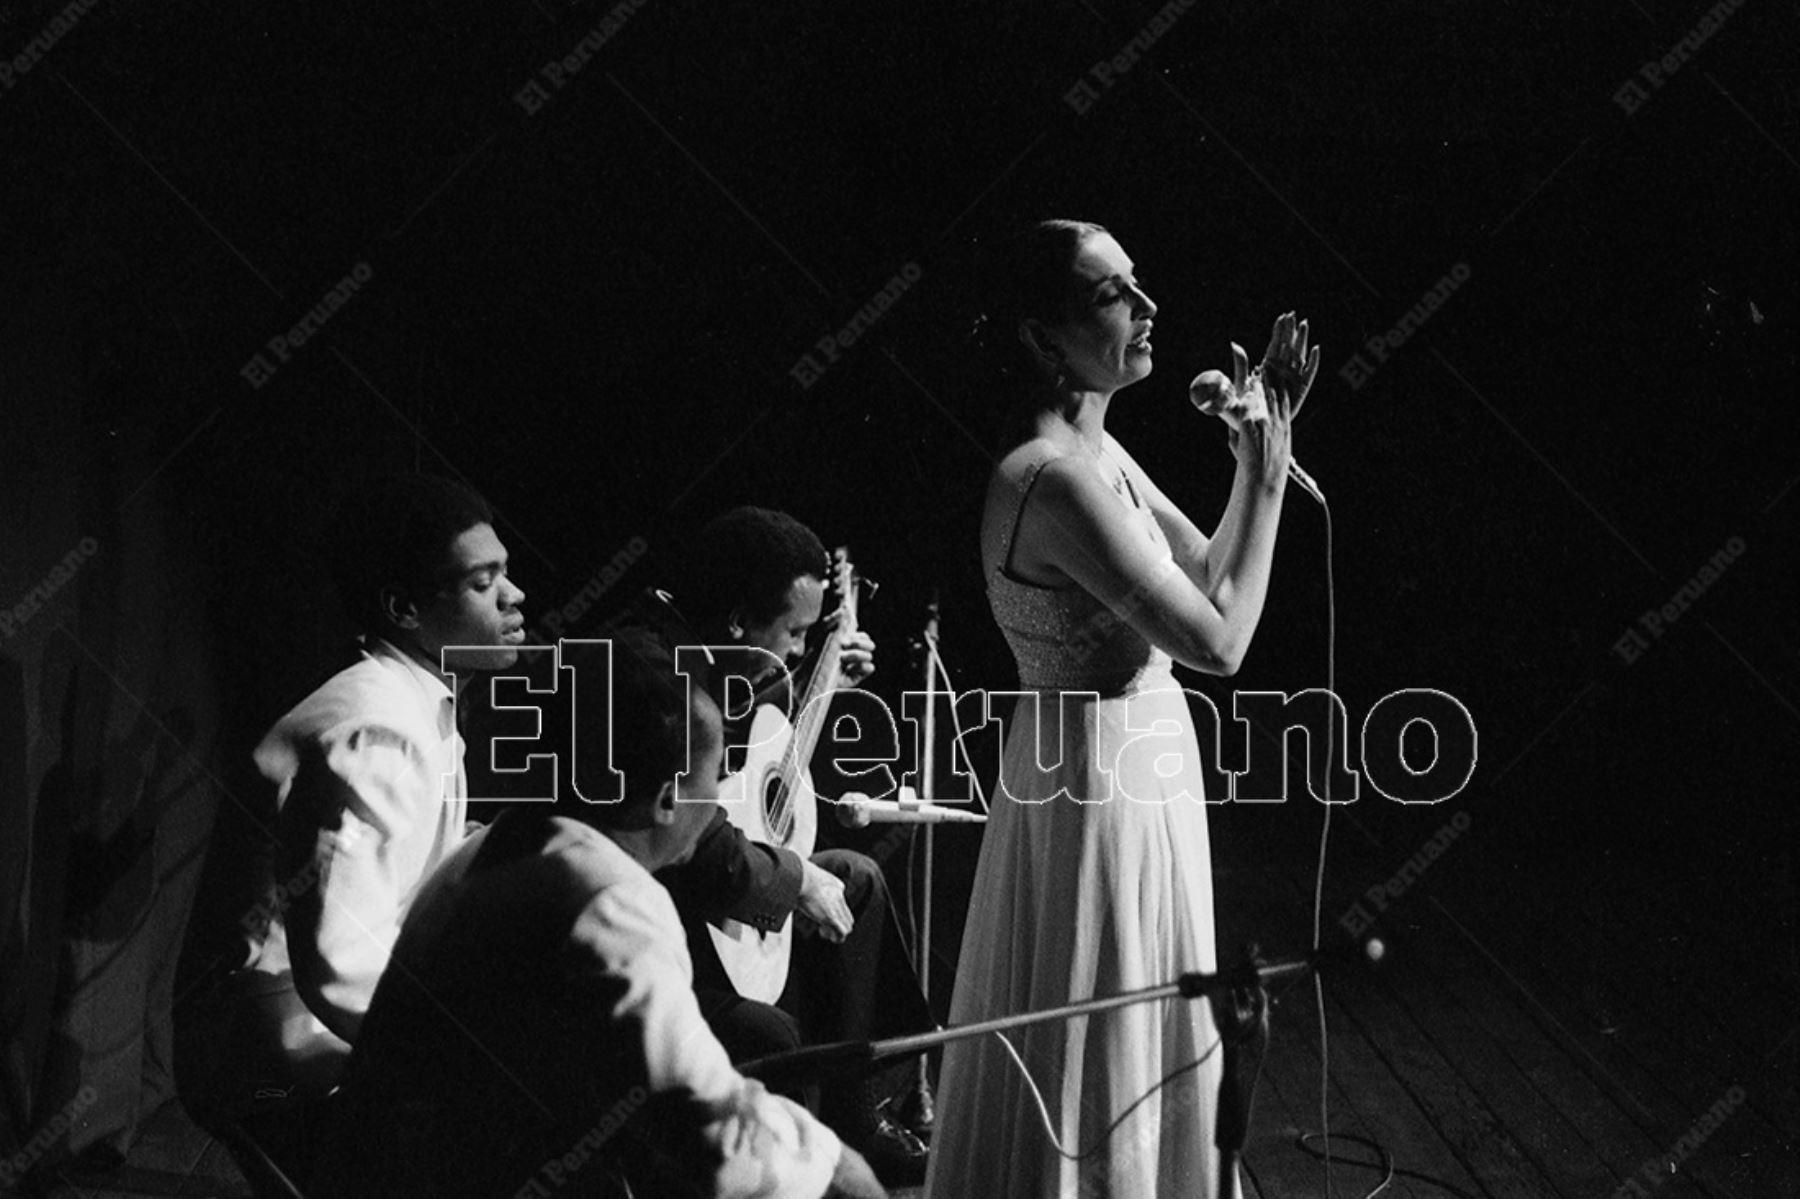 Lima - 2 agosto 1977. La consagrada cantante Alicia Maguiña durante un recital en el Teatro La Cabaña. Foto: Archivo Histórico de El Peruano / Leoncio Mariscal